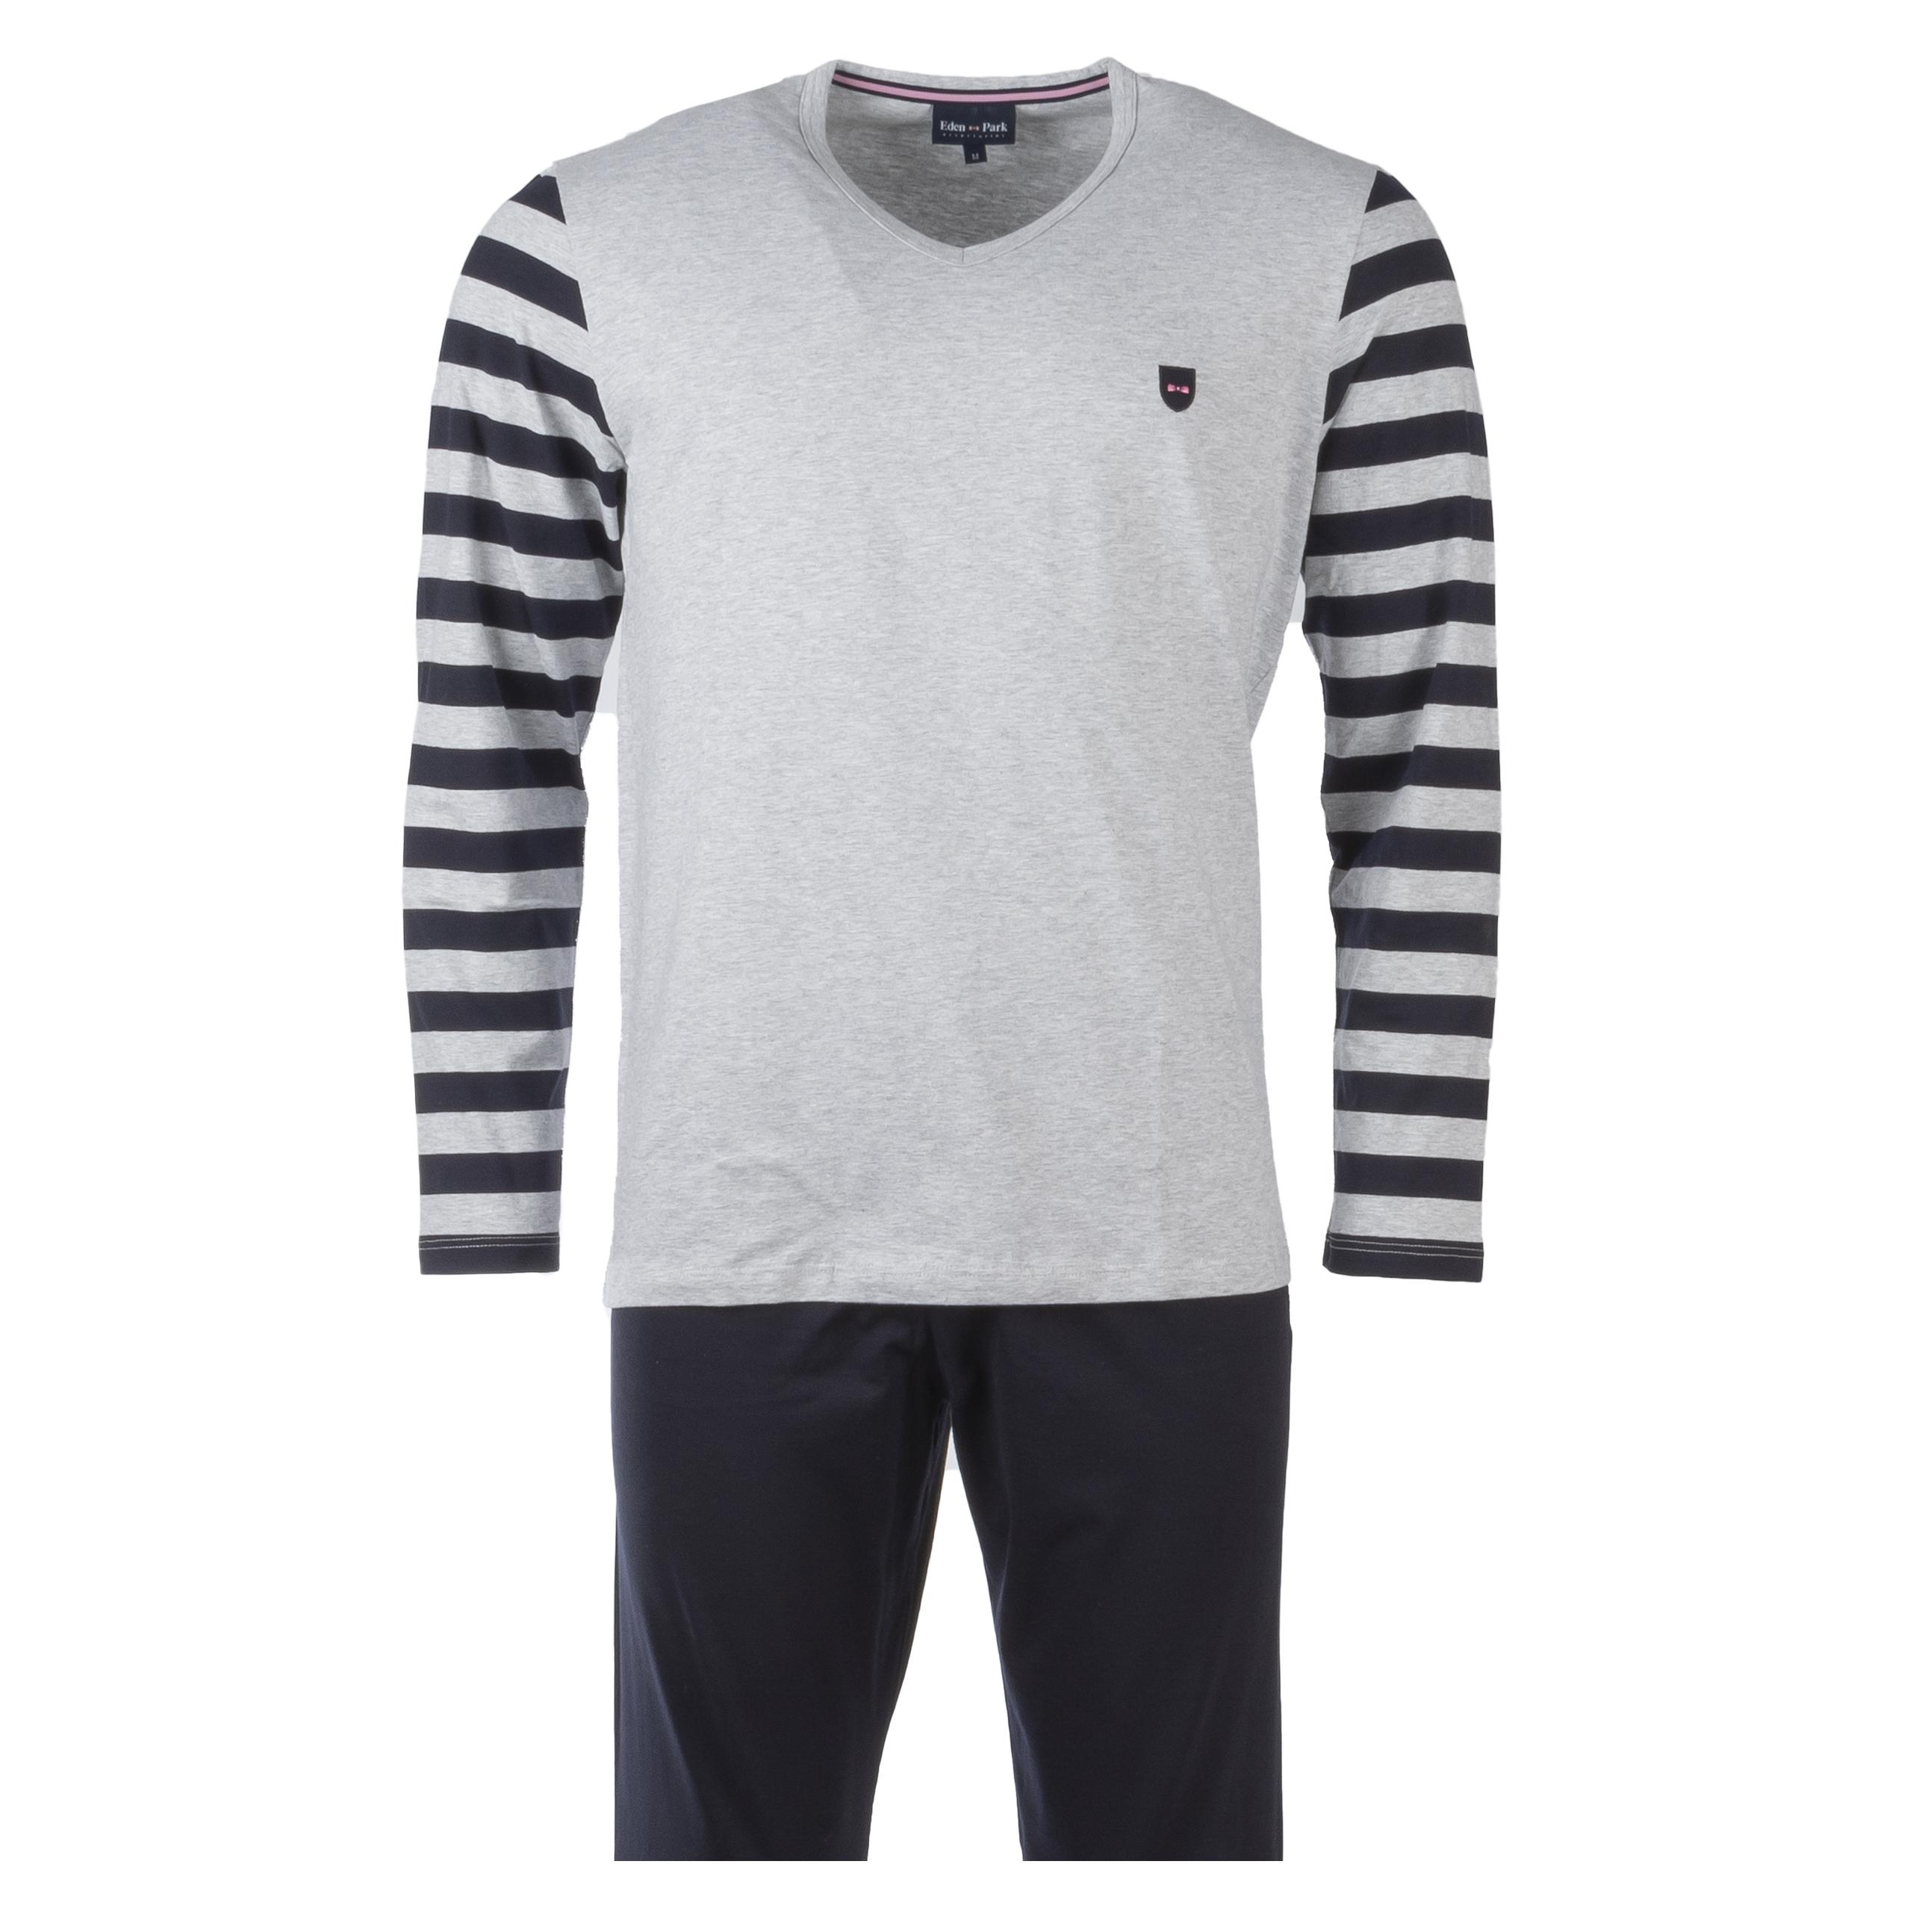 Pyjama long eden park en coton : tee-shirt manches longues col v gris à opposition rayé et pantalon bleu marine